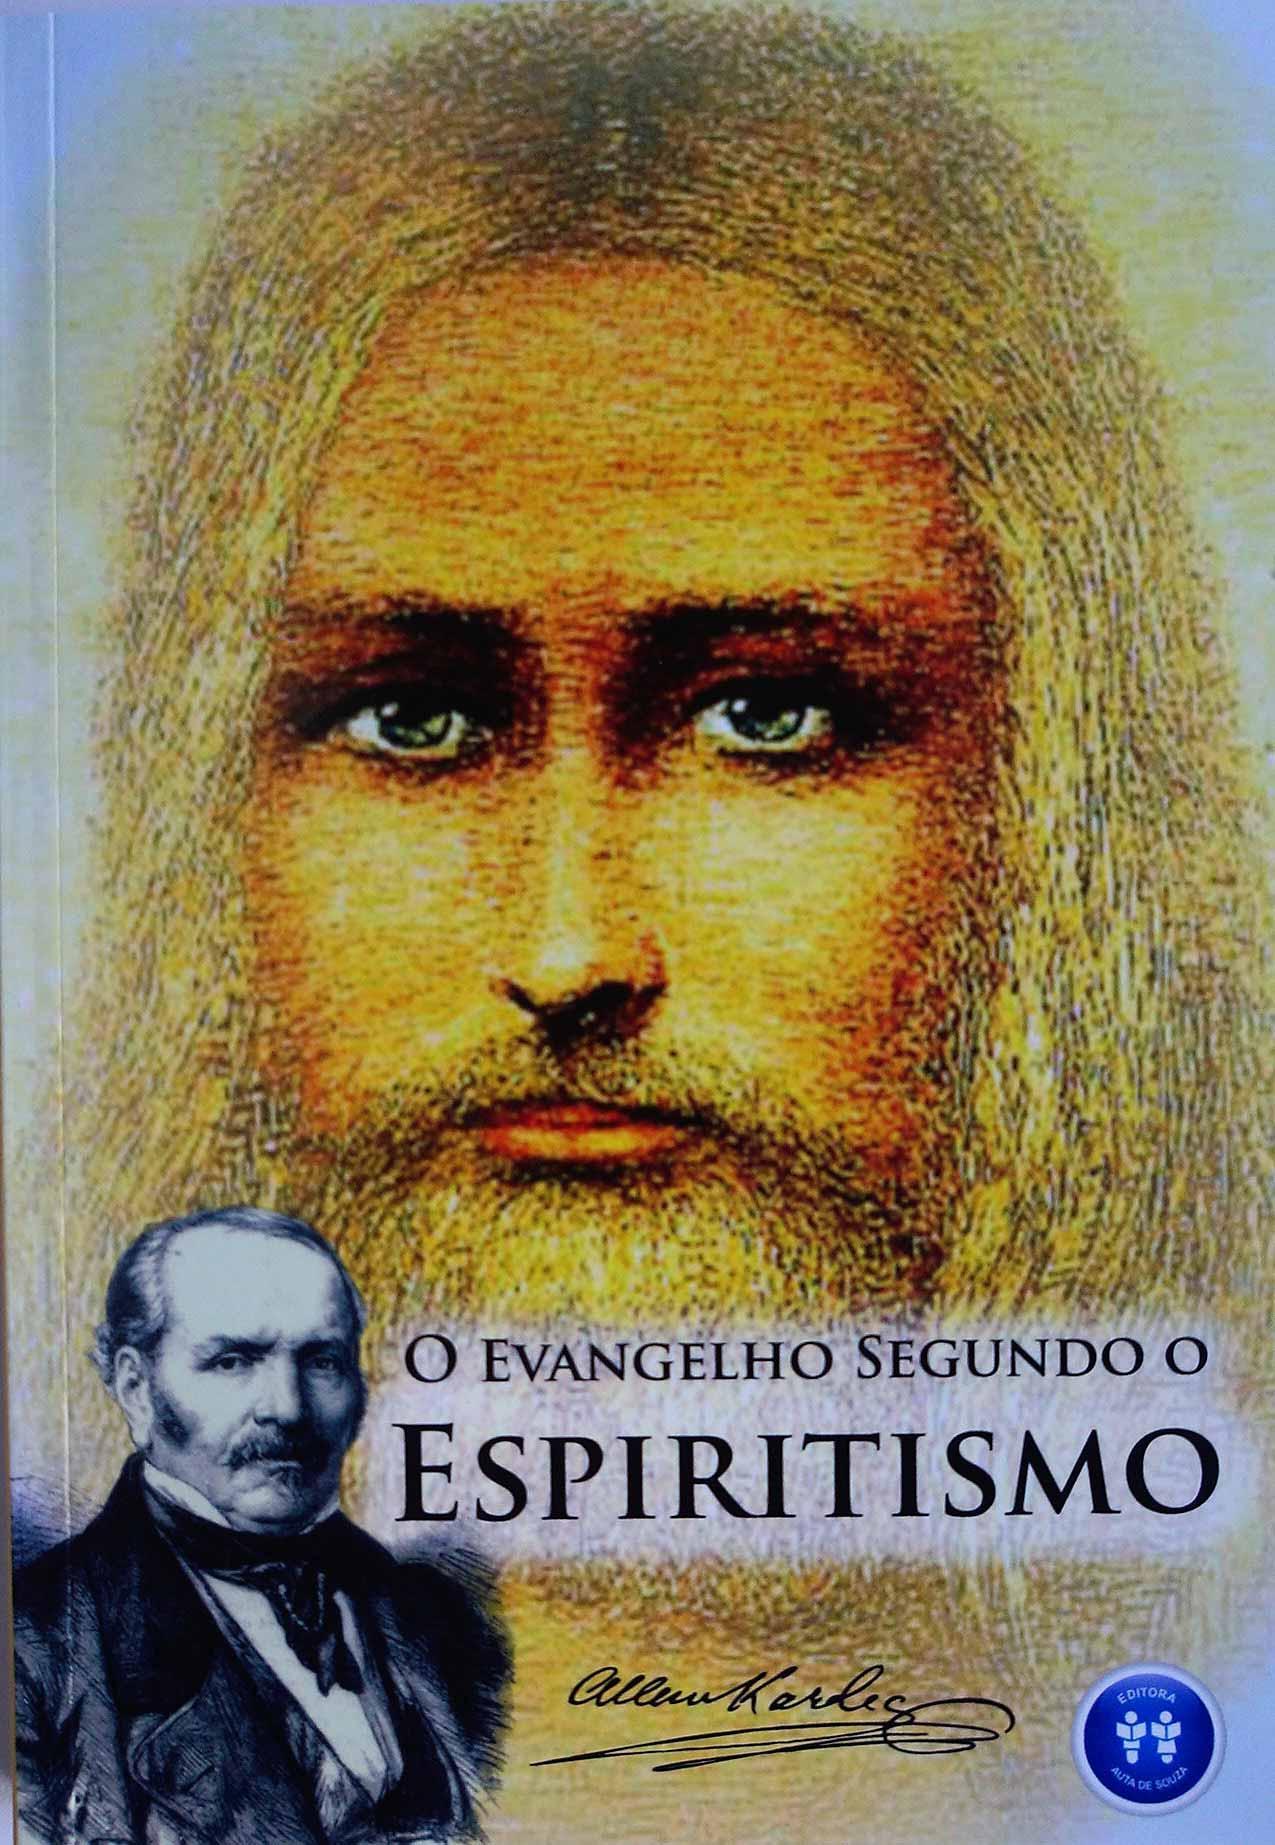 EVANGELHO SEGUNDO O ESPIRITISMO, O - AUTA DE SOUZA